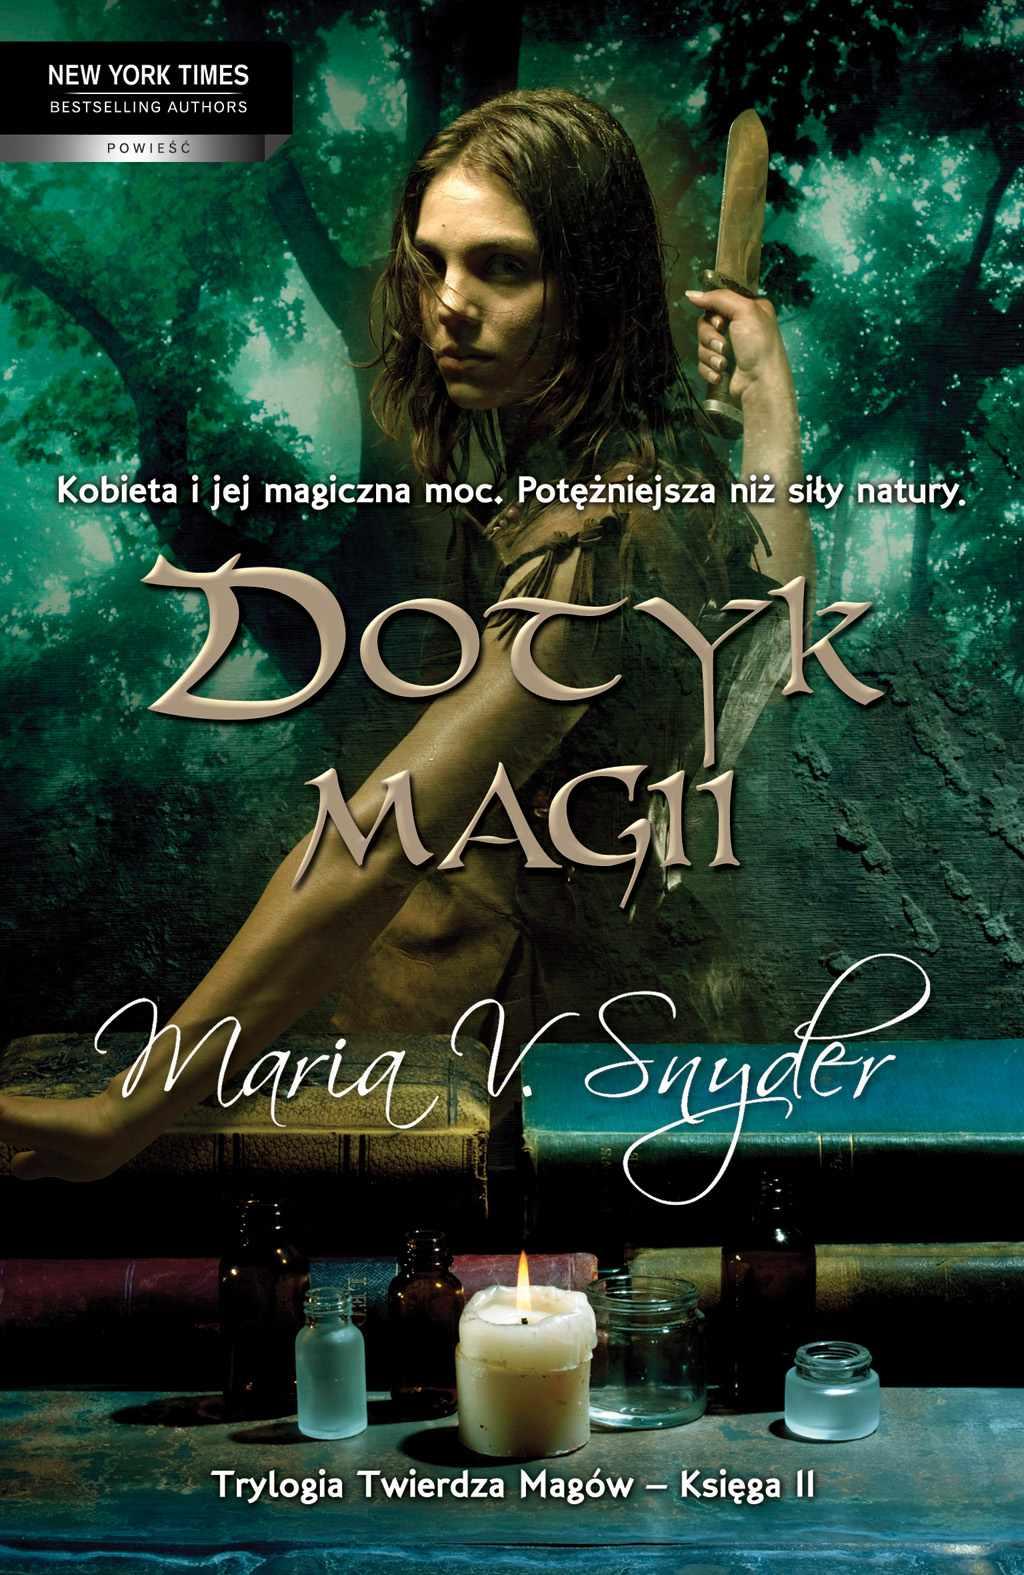 Dotyk magii - Ebook (Książka EPUB) do pobrania w formacie EPUB